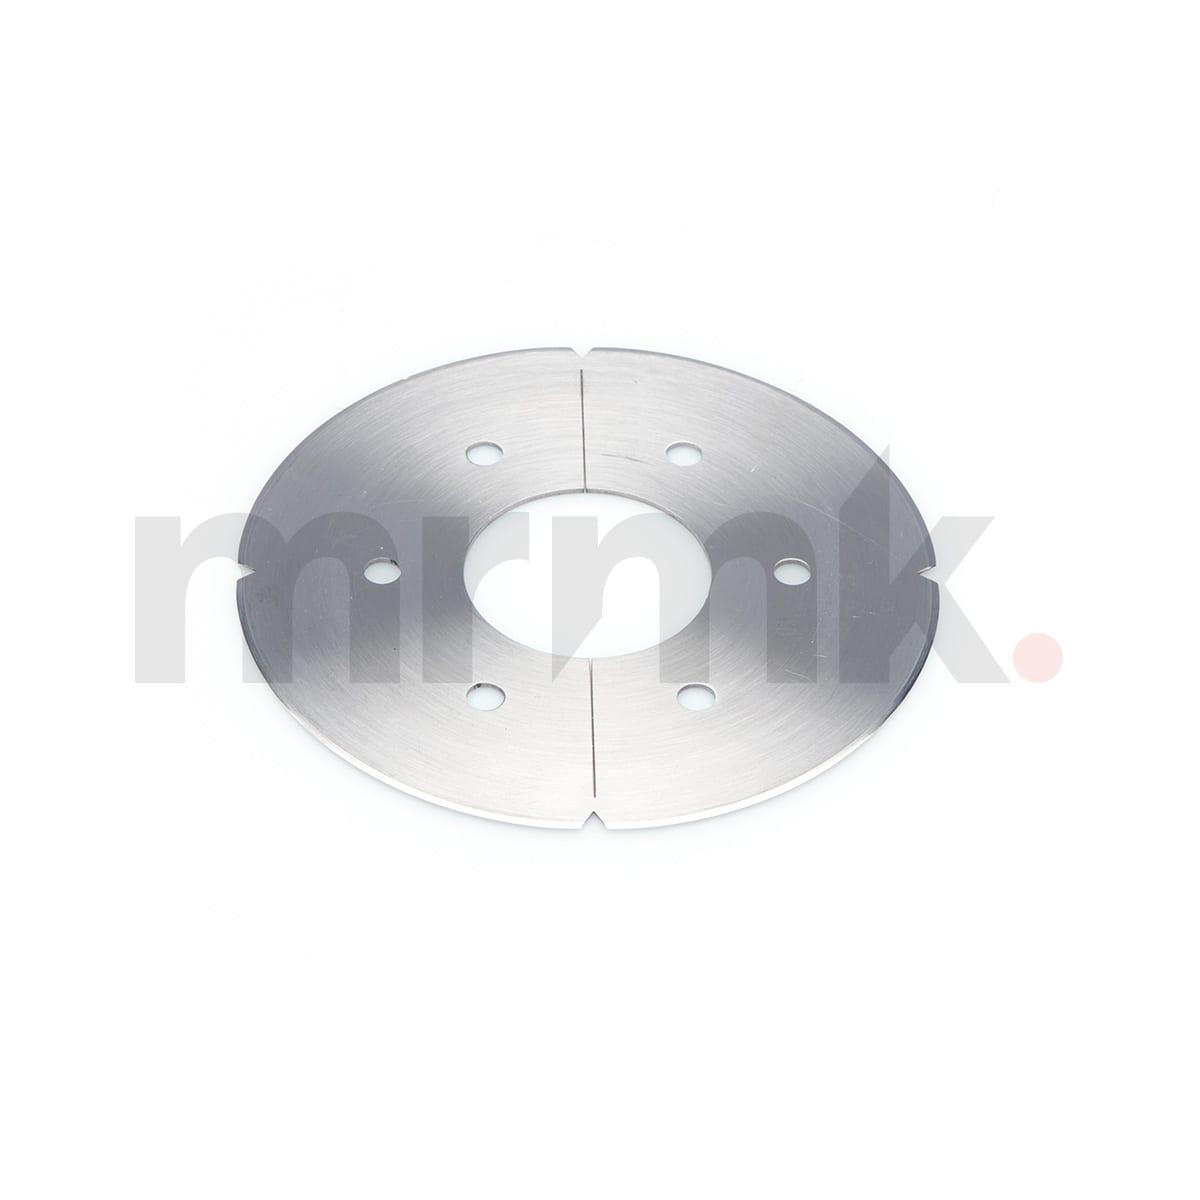 Tiromat / CFS / GEA Compatible Circular Blade